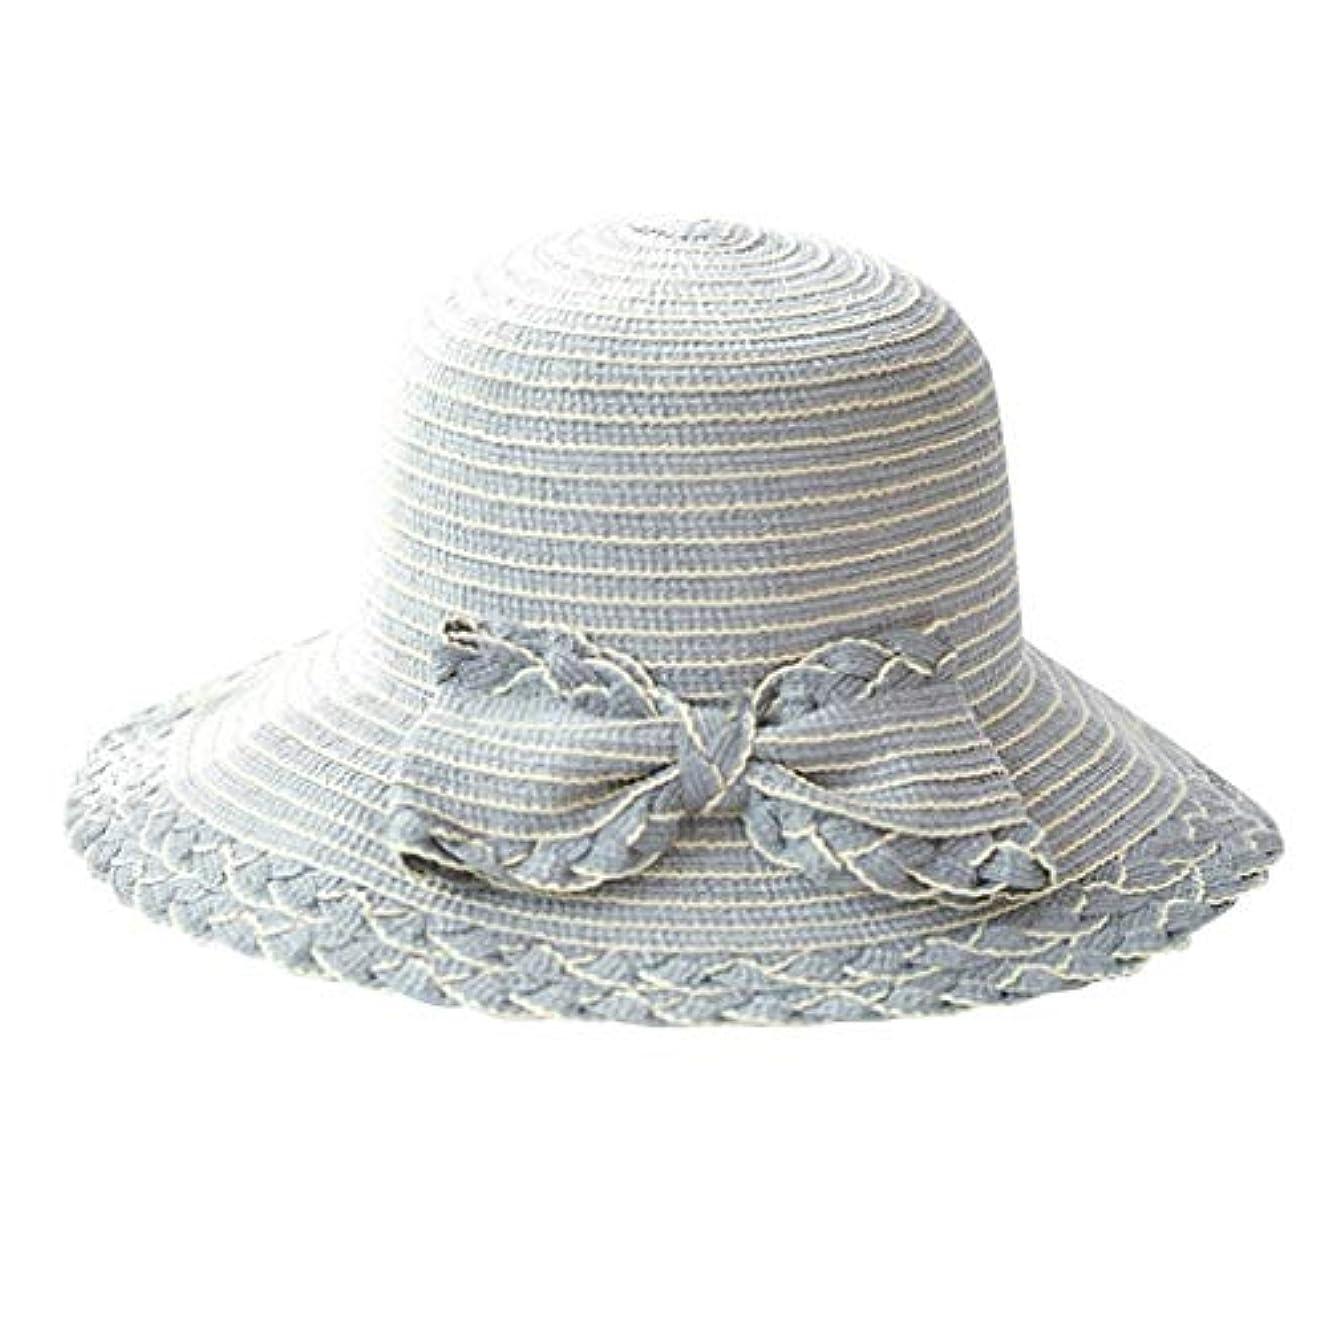 パワー手包帯夏 帽子 レディース UVカット 帽子 ハット レディース 日よけ 夏季 女優帽 日よけ 日焼け 折りたたみ 持ち運び つば広 吸汗通気 ハット レディース 紫外線対策 小顔効果 ワイヤー入る ハット ROSE ROMAN